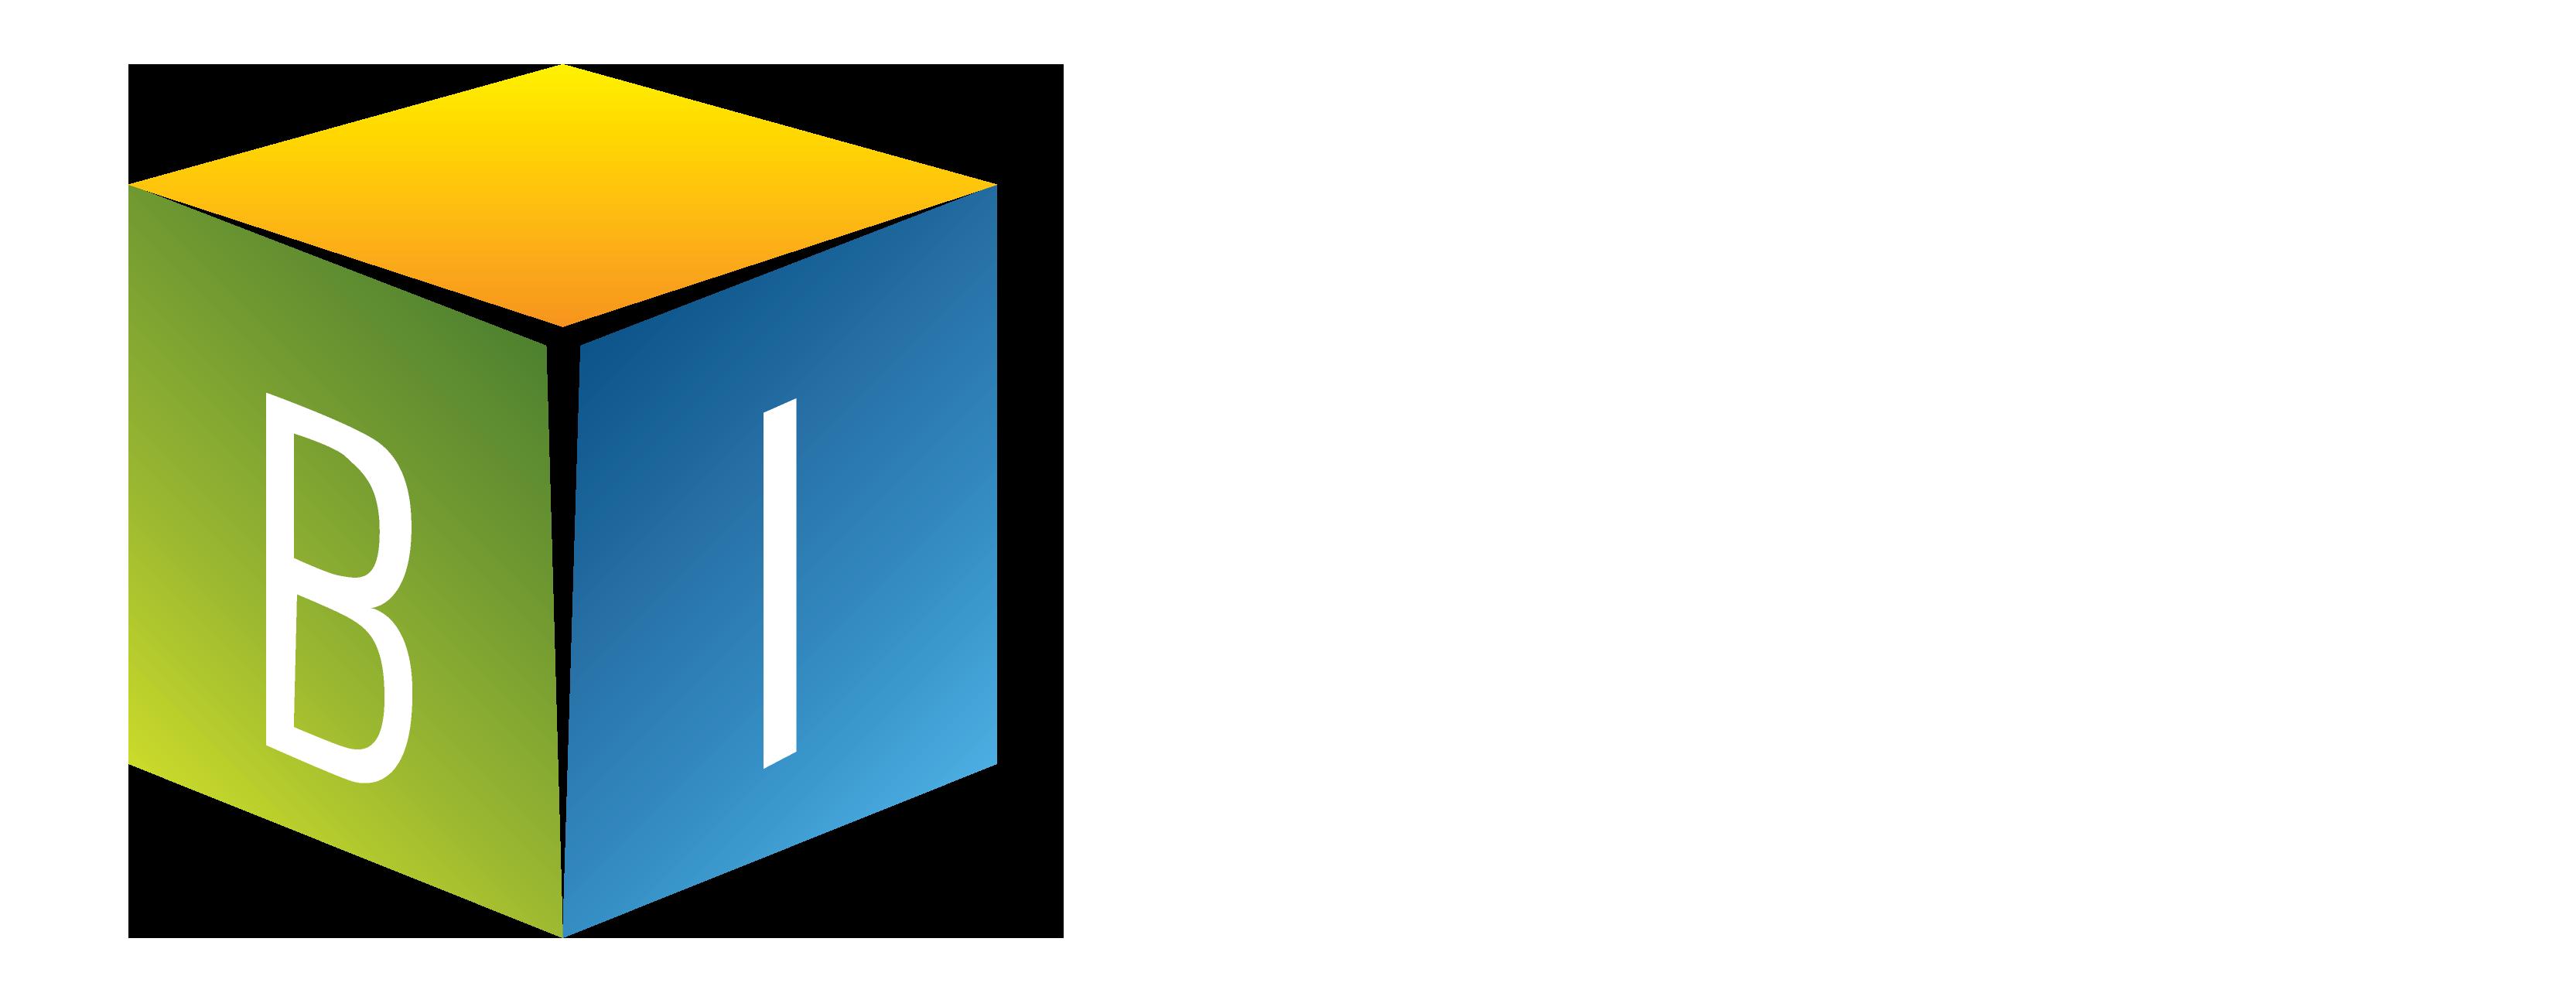 BI do Brasil